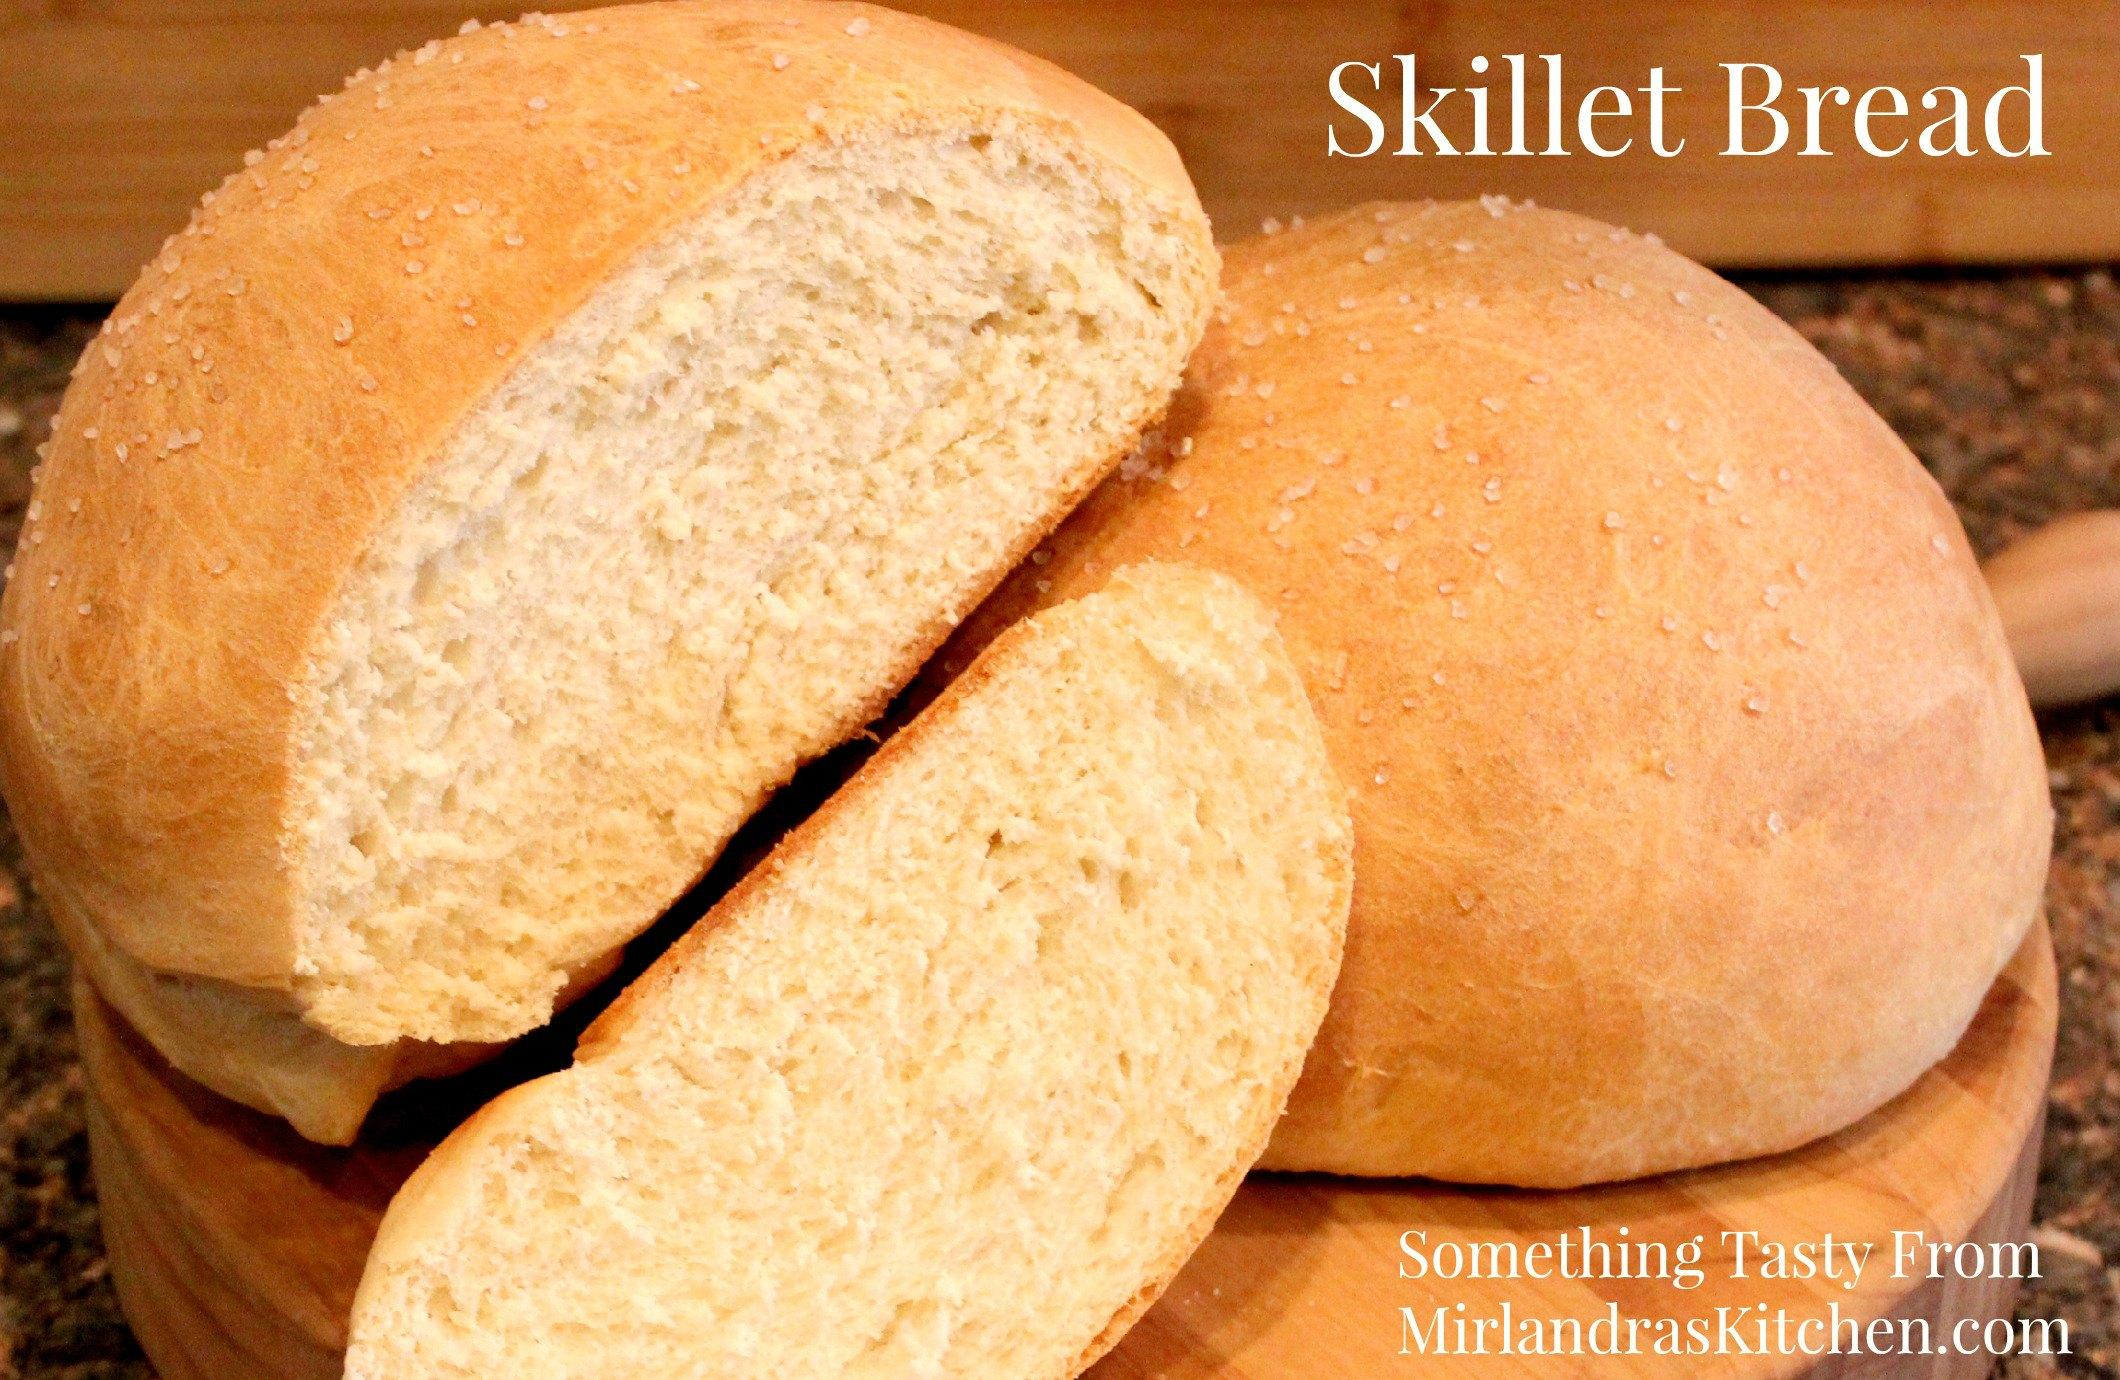 Skillet Bread